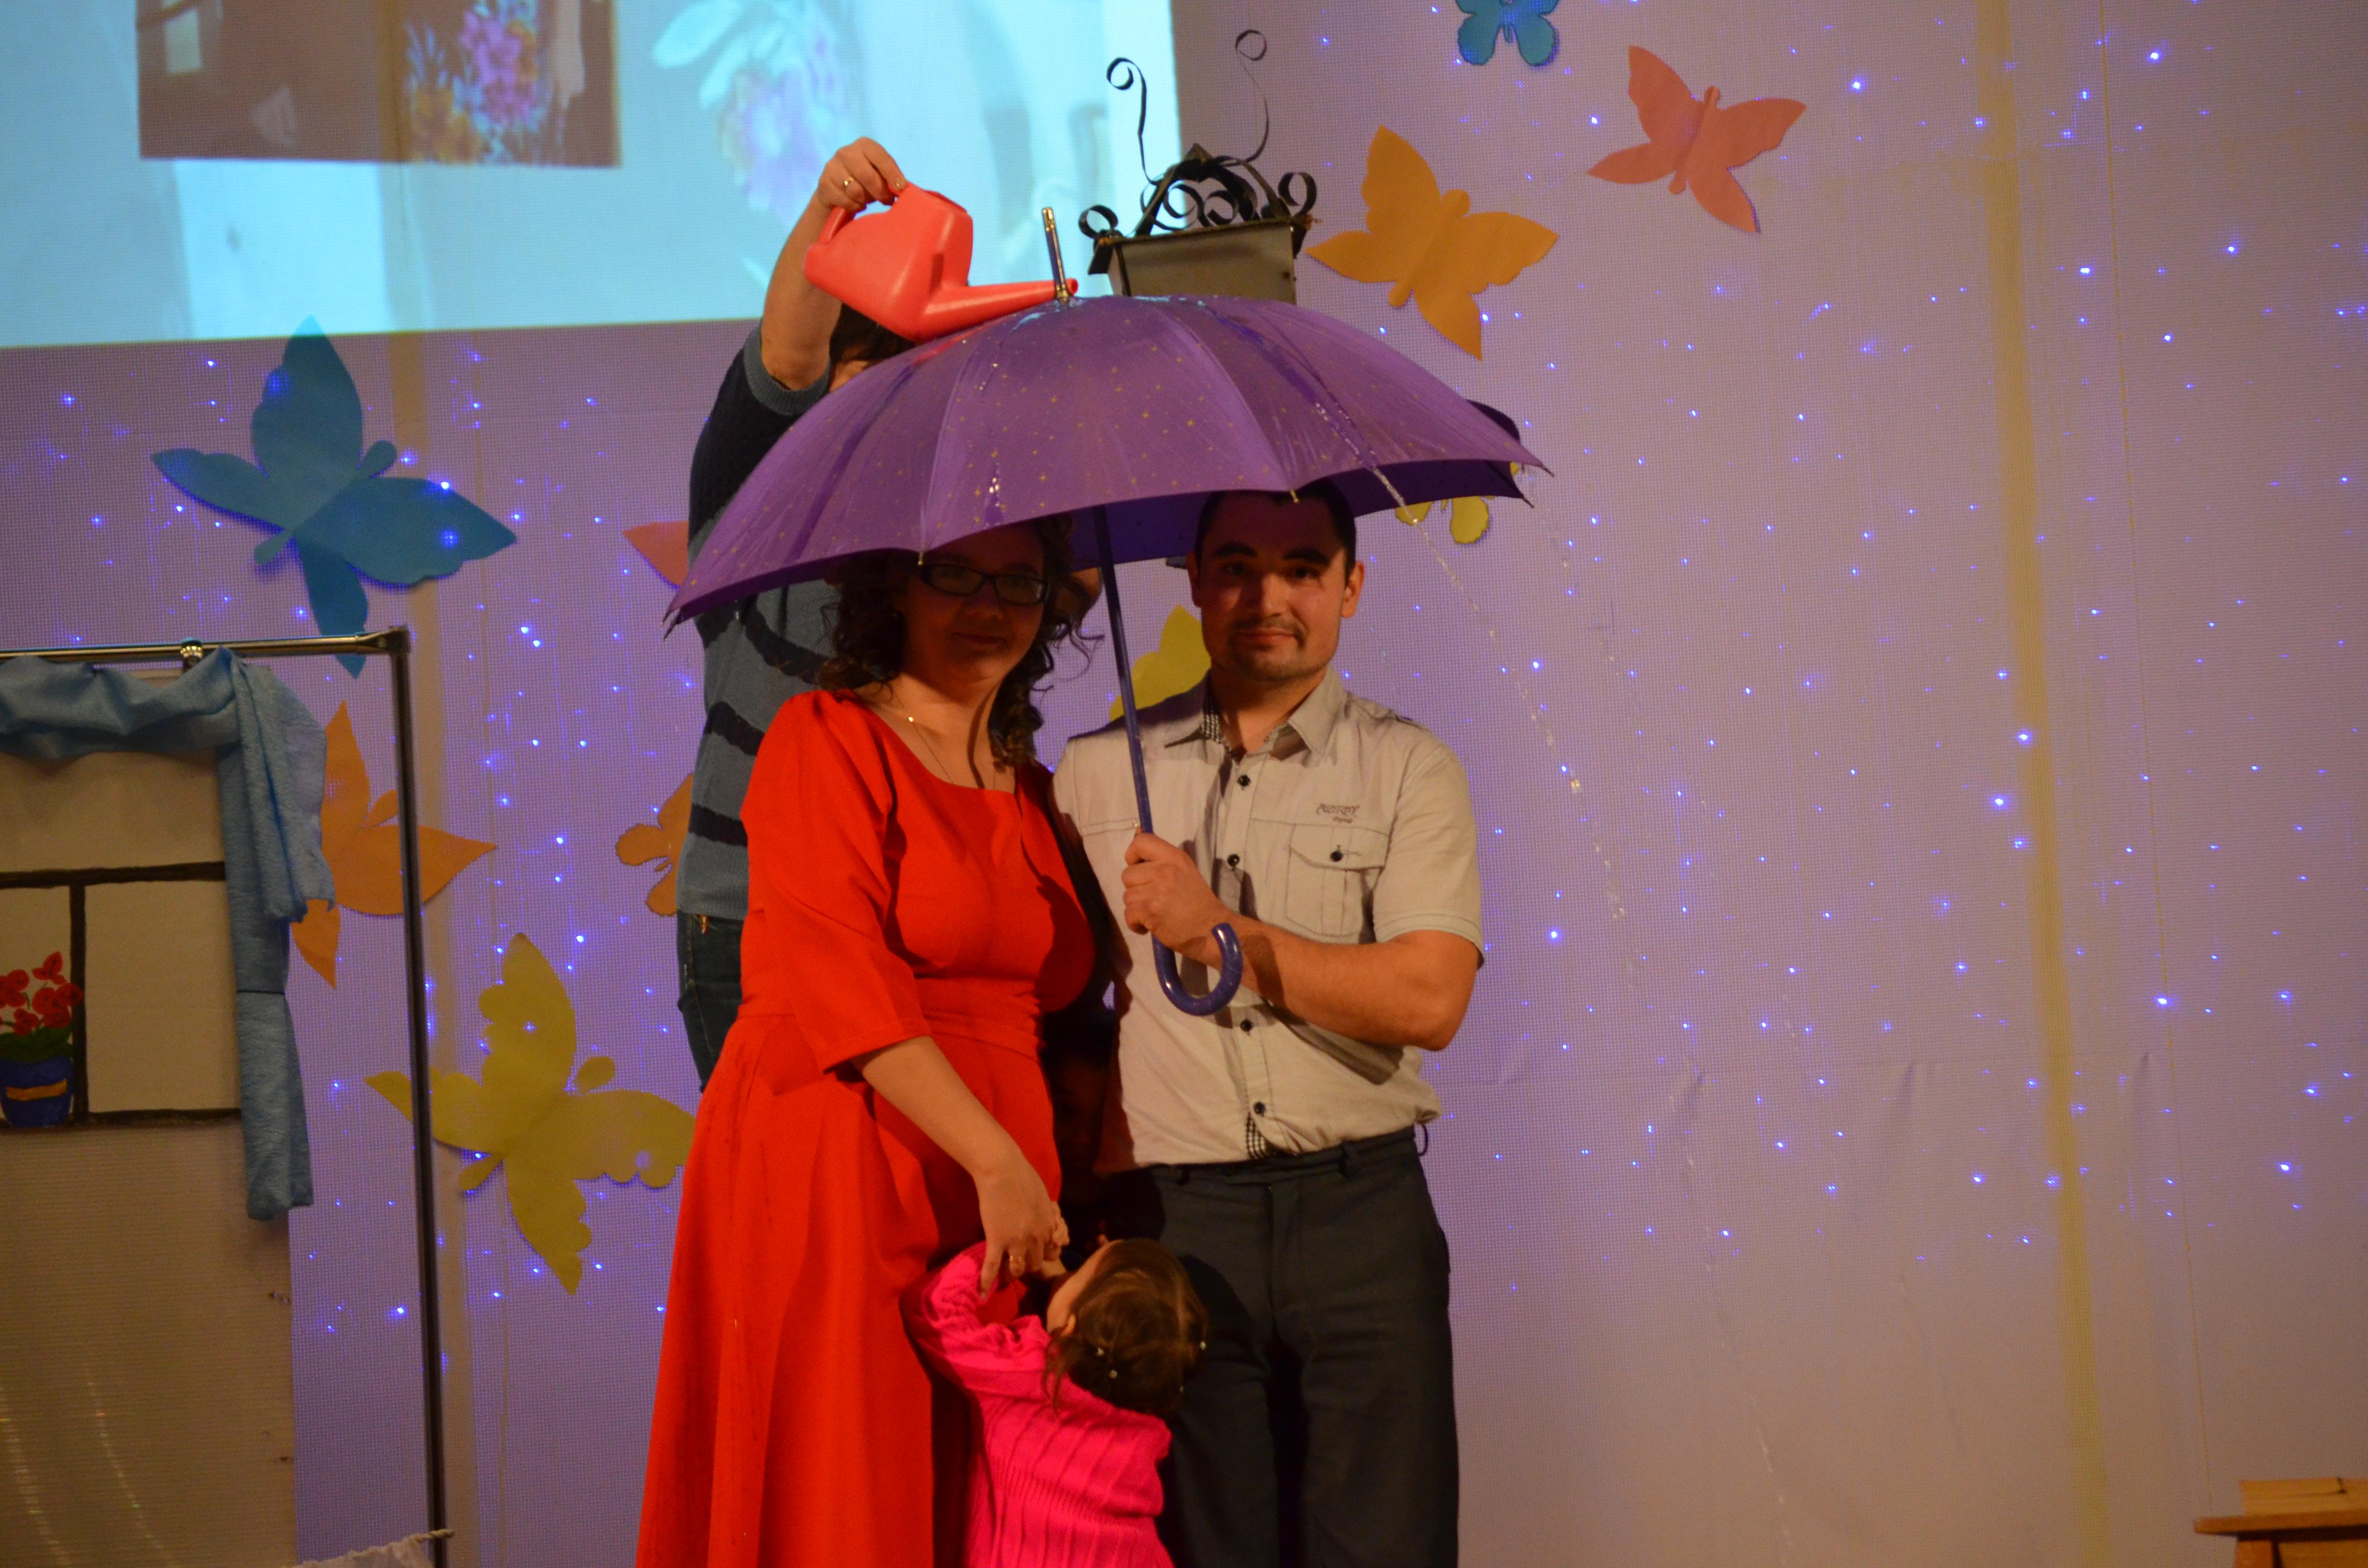 Библиотекари на районном конкурсе Молодая семья МАУК   0001 0022 0134 0150 0161 0201